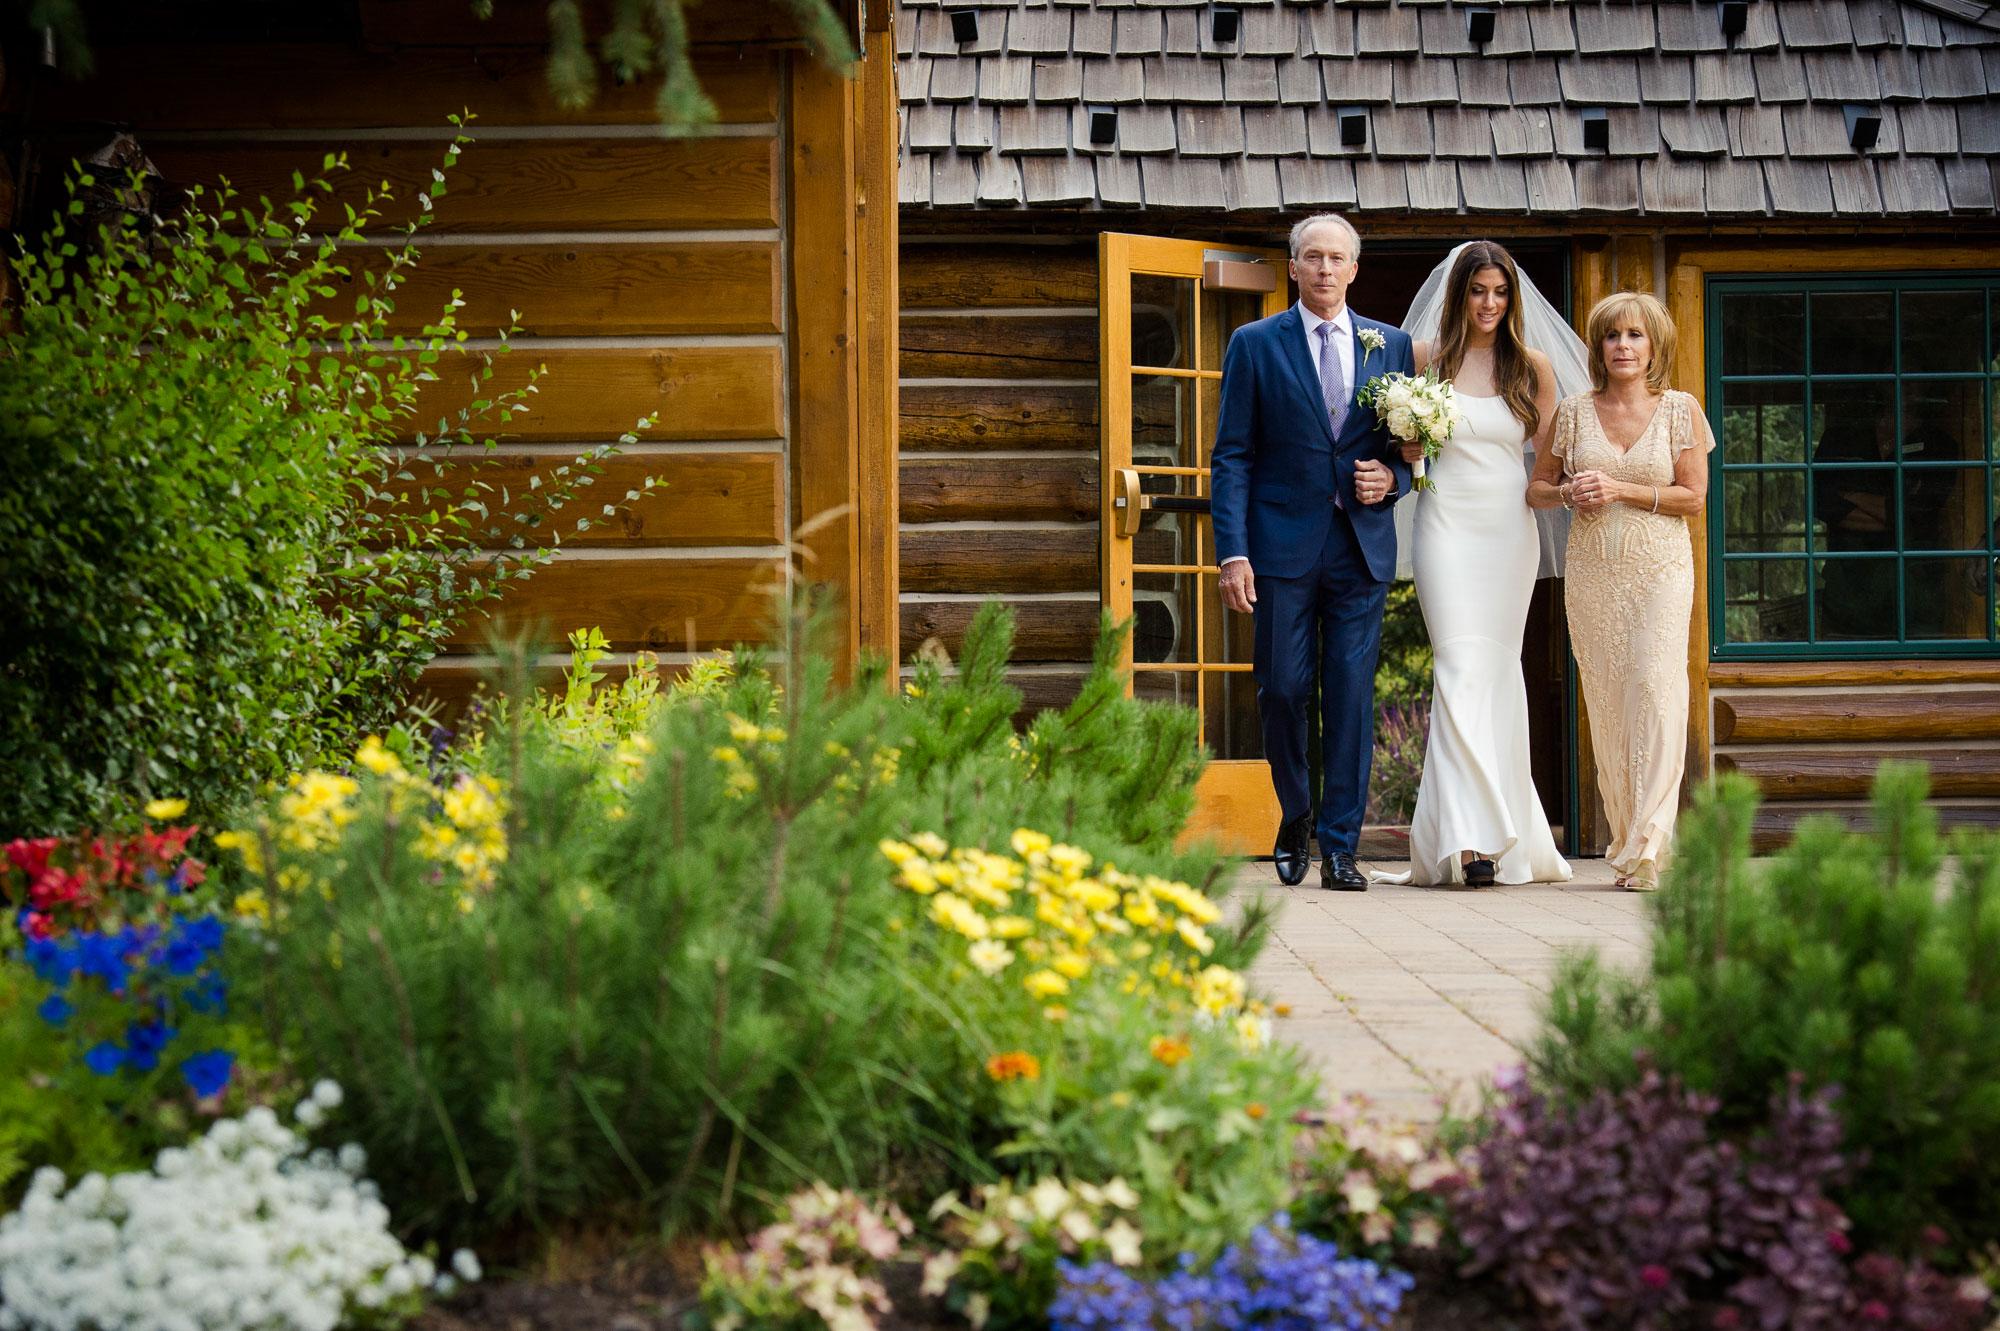 A Chic Mountain Wedding in Sun Valley, Idaho